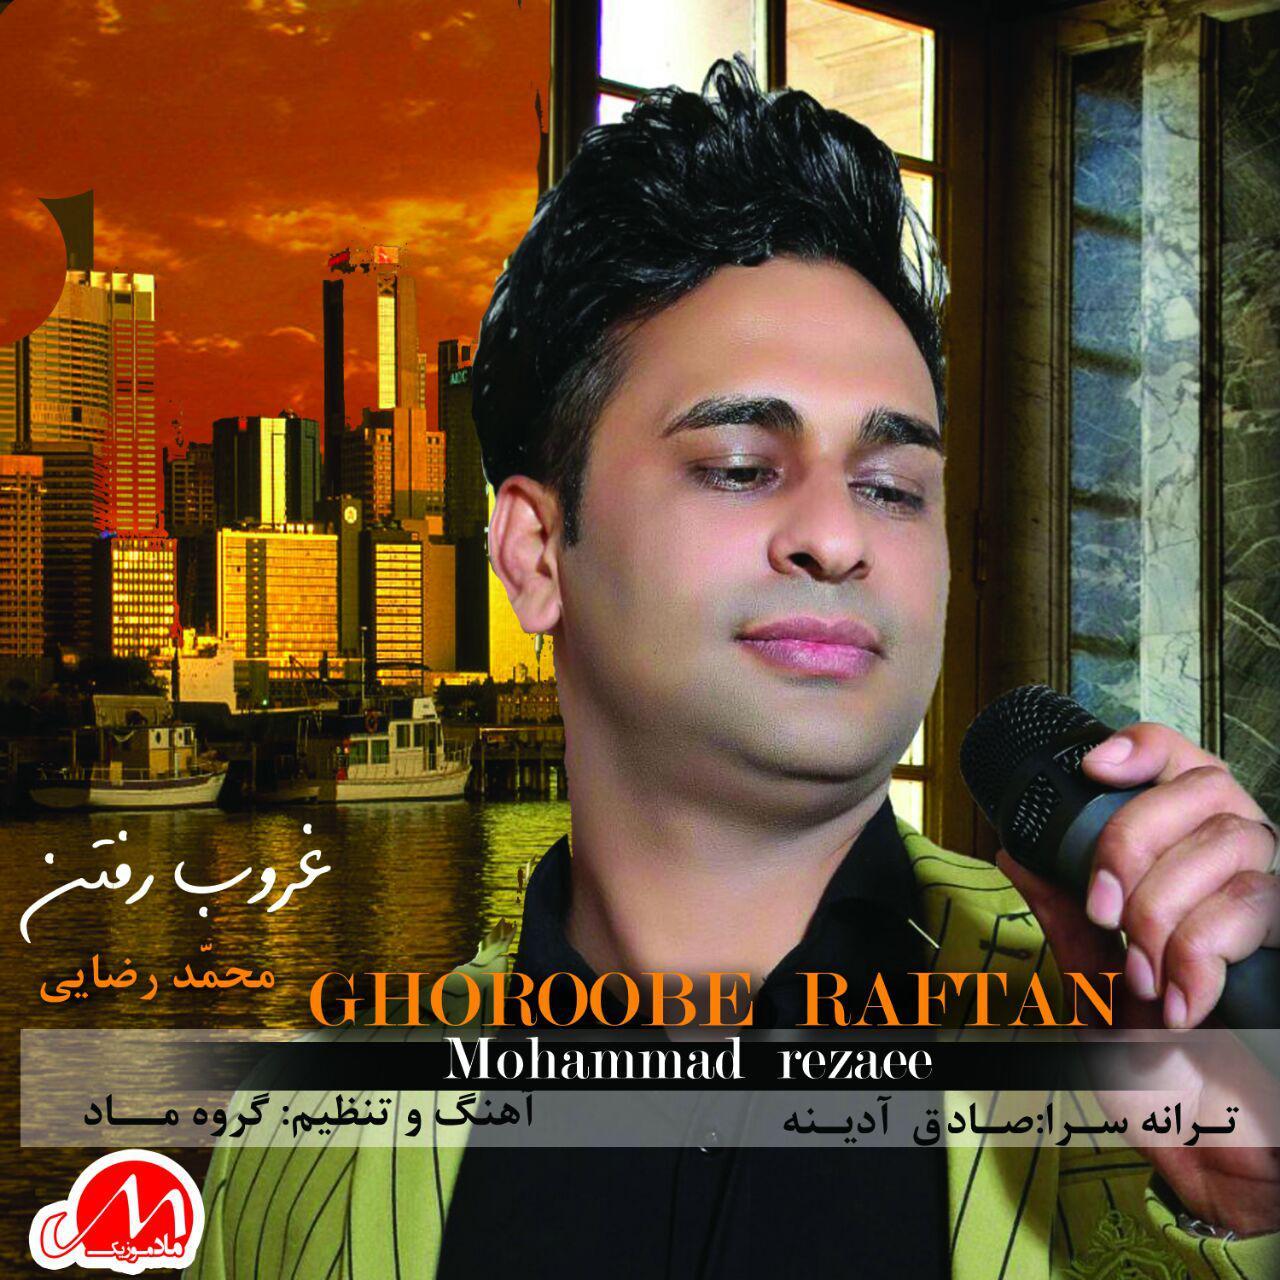 دانلود آهنگ جدید محمد رضایی به نام غروب